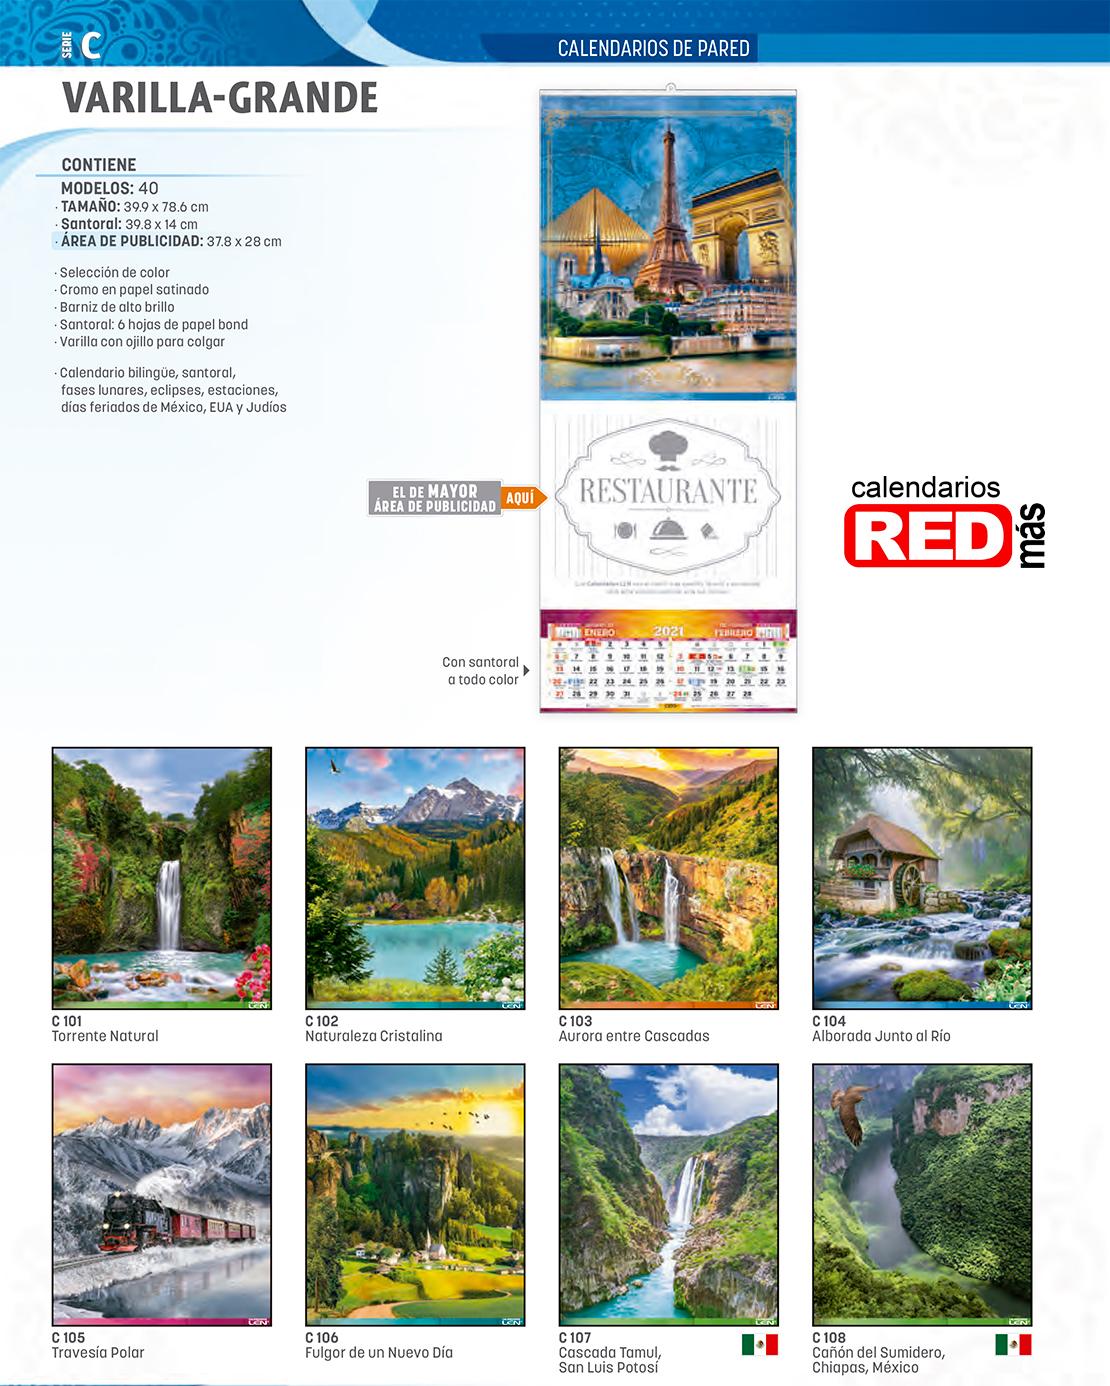 40-Catalogo-Calendarios-LEN-2021-Serie-C-101-108-calendarios-red-2021.jpg